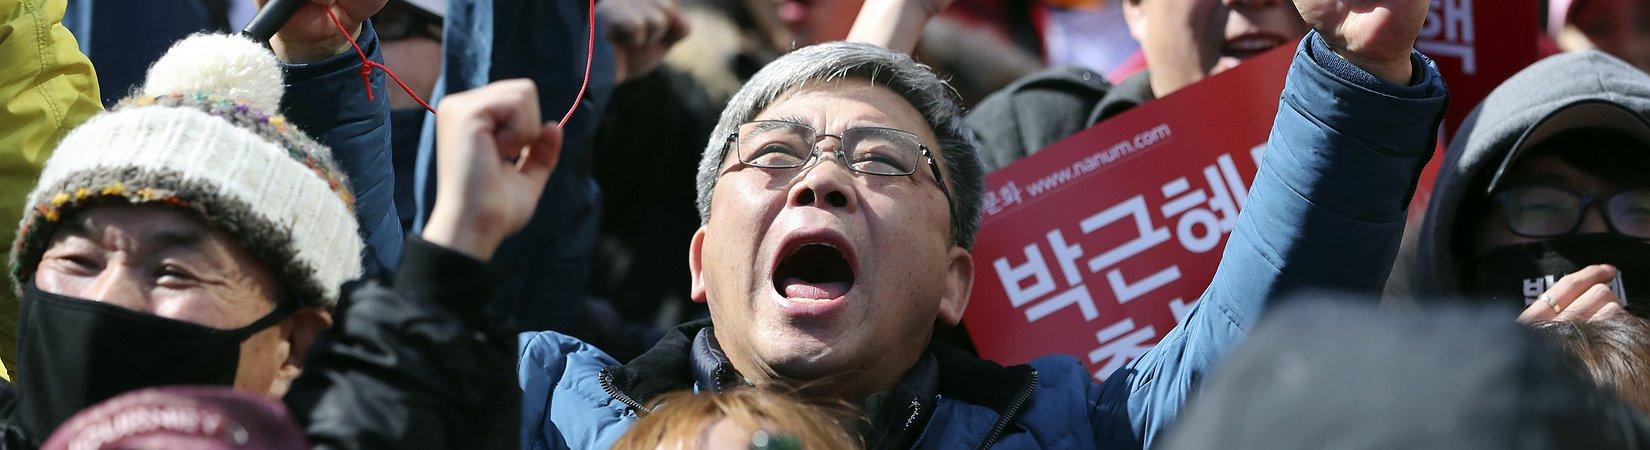 Coreia do Sul: tribunal confirmou destituição da presidente